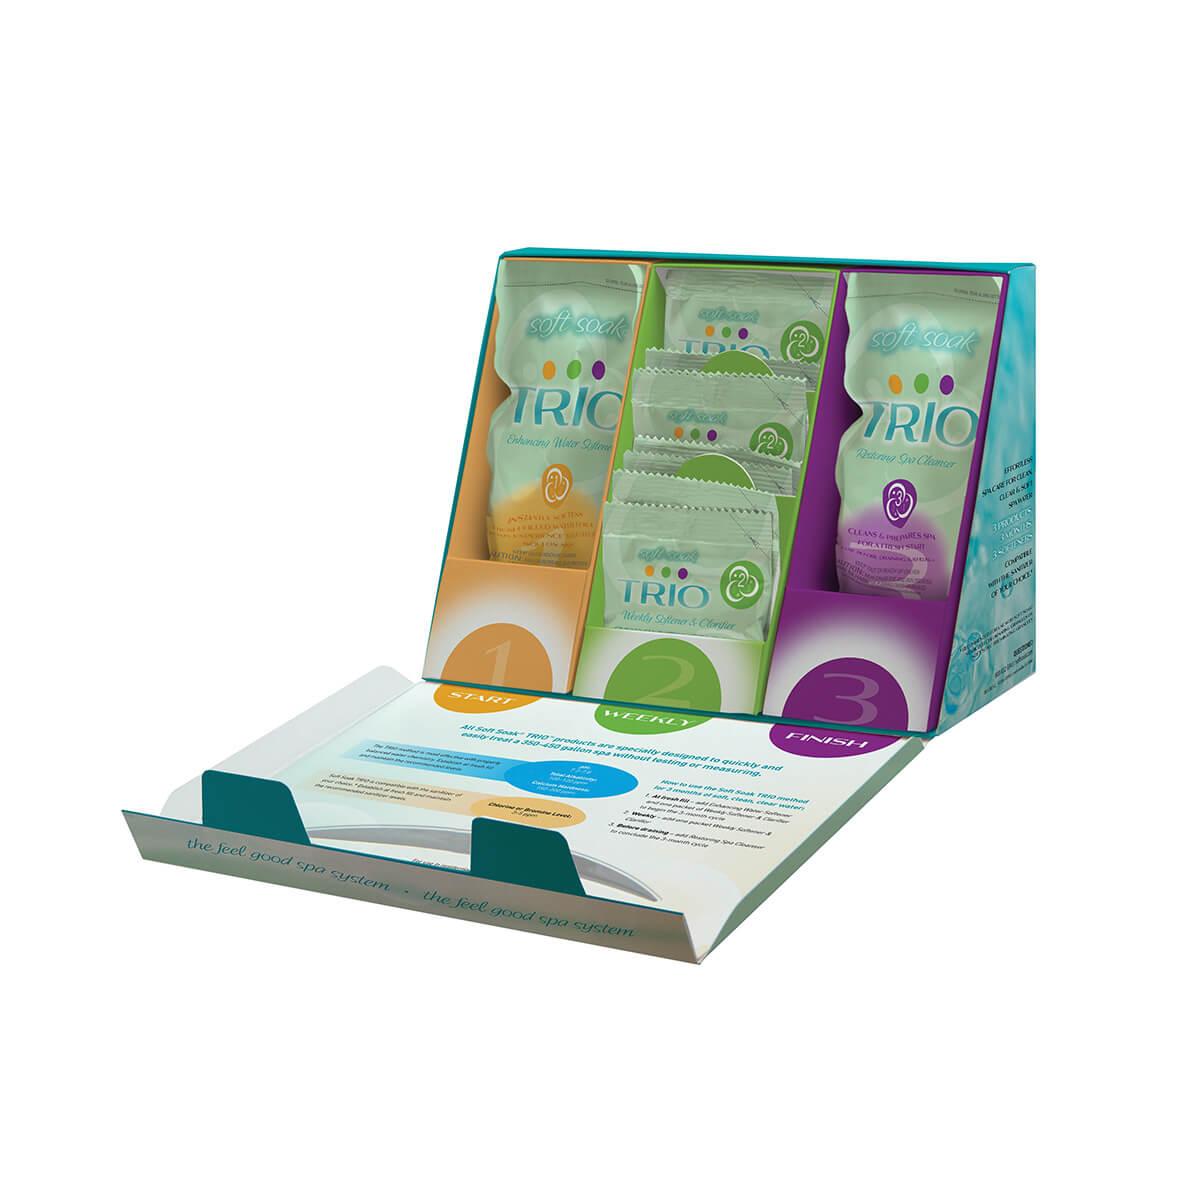 1200px-soft-soak-trio-box-open